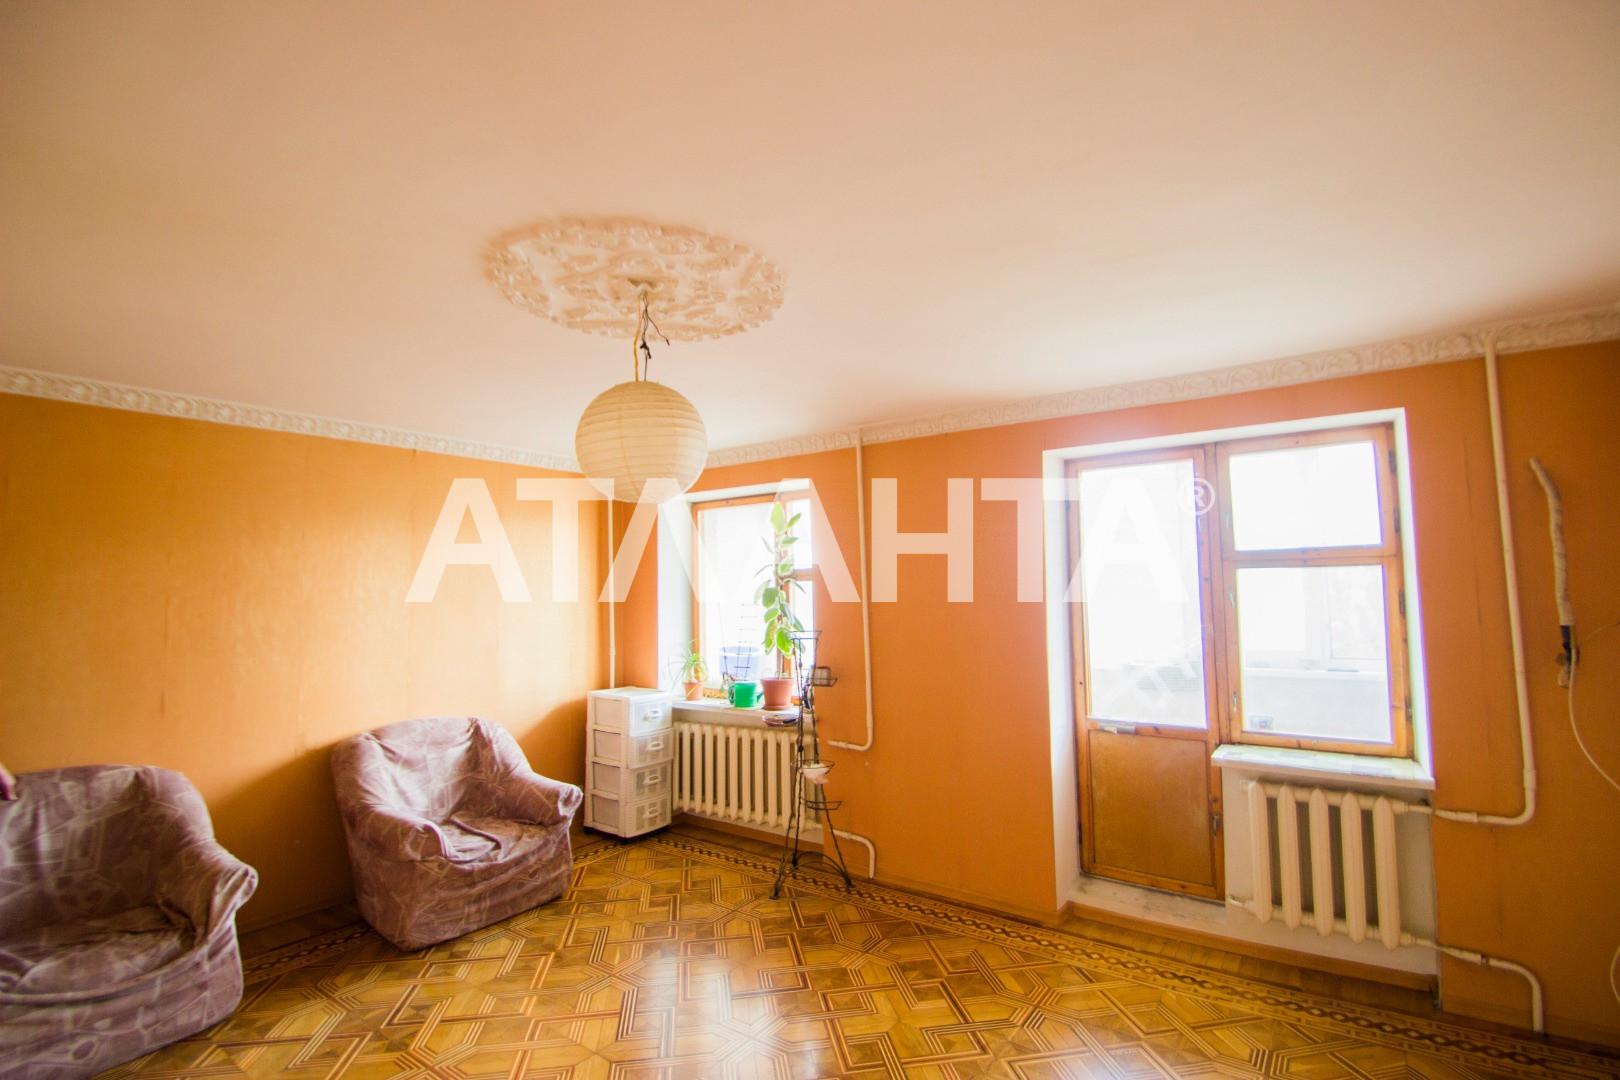 Продается 3-комнатная Квартира на ул. Центральный Аэропорт — 75 000 у.е. (фото №3)